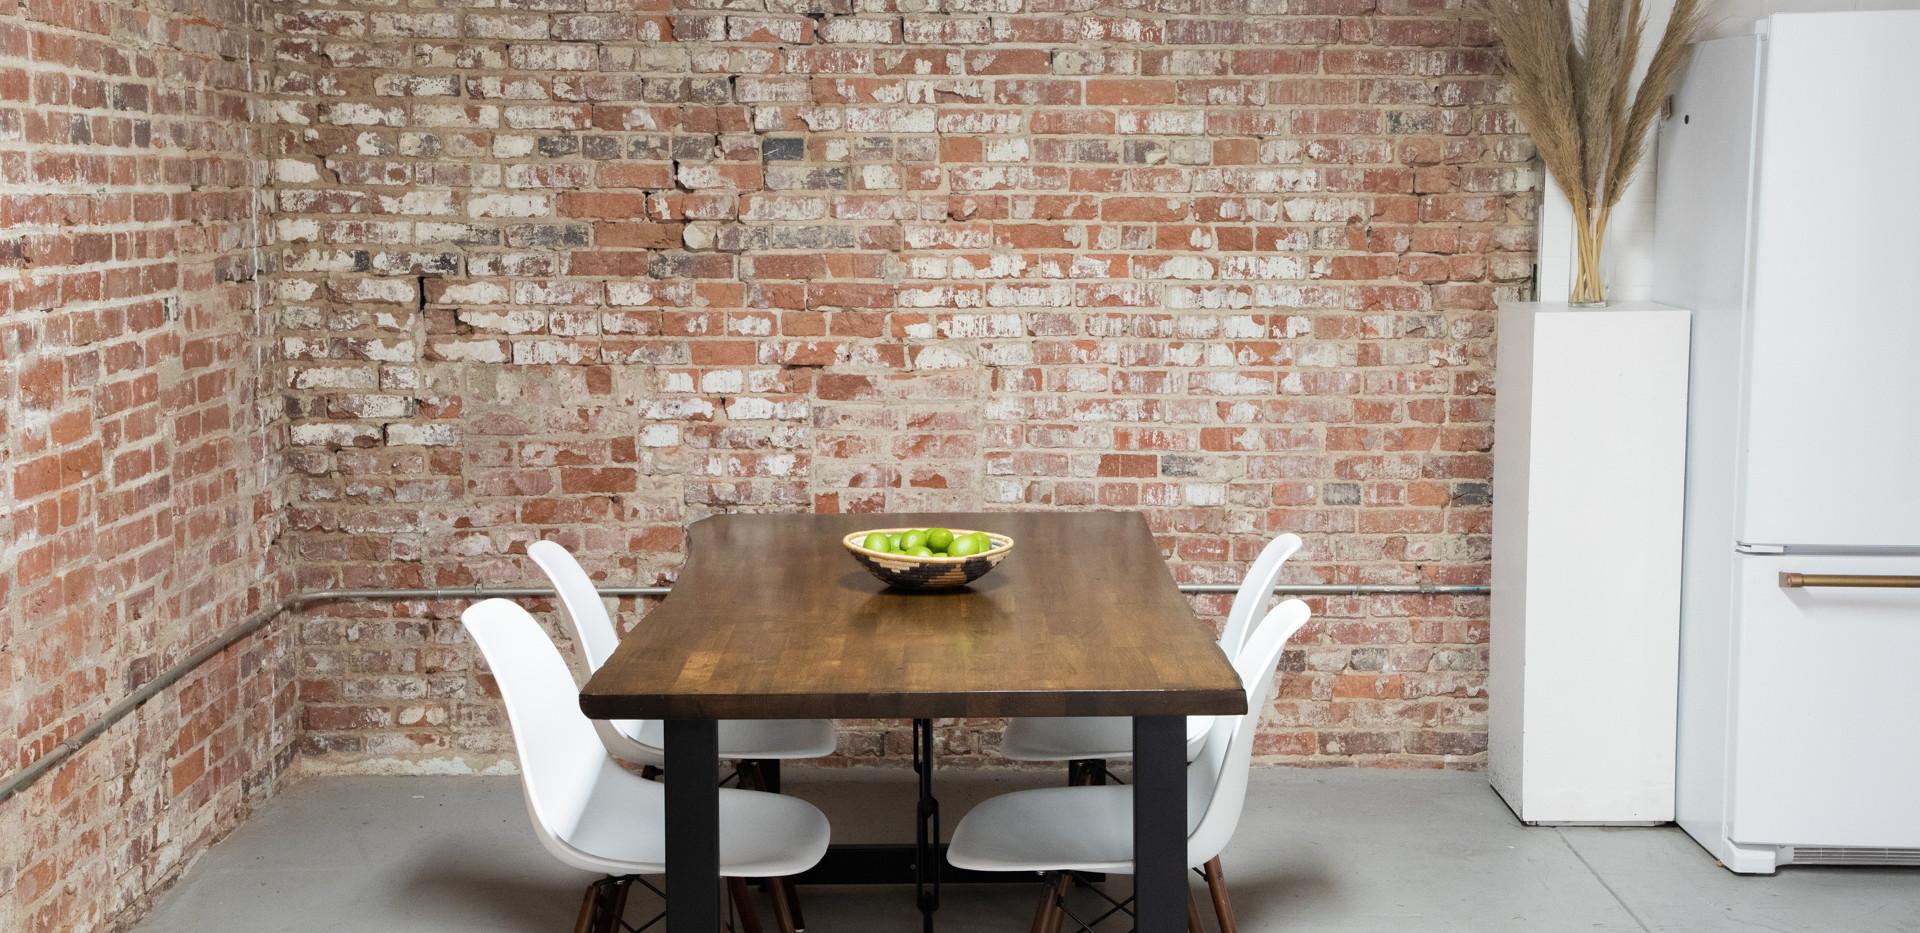 Jikoni Studios Kitchen Studio Rental_Din